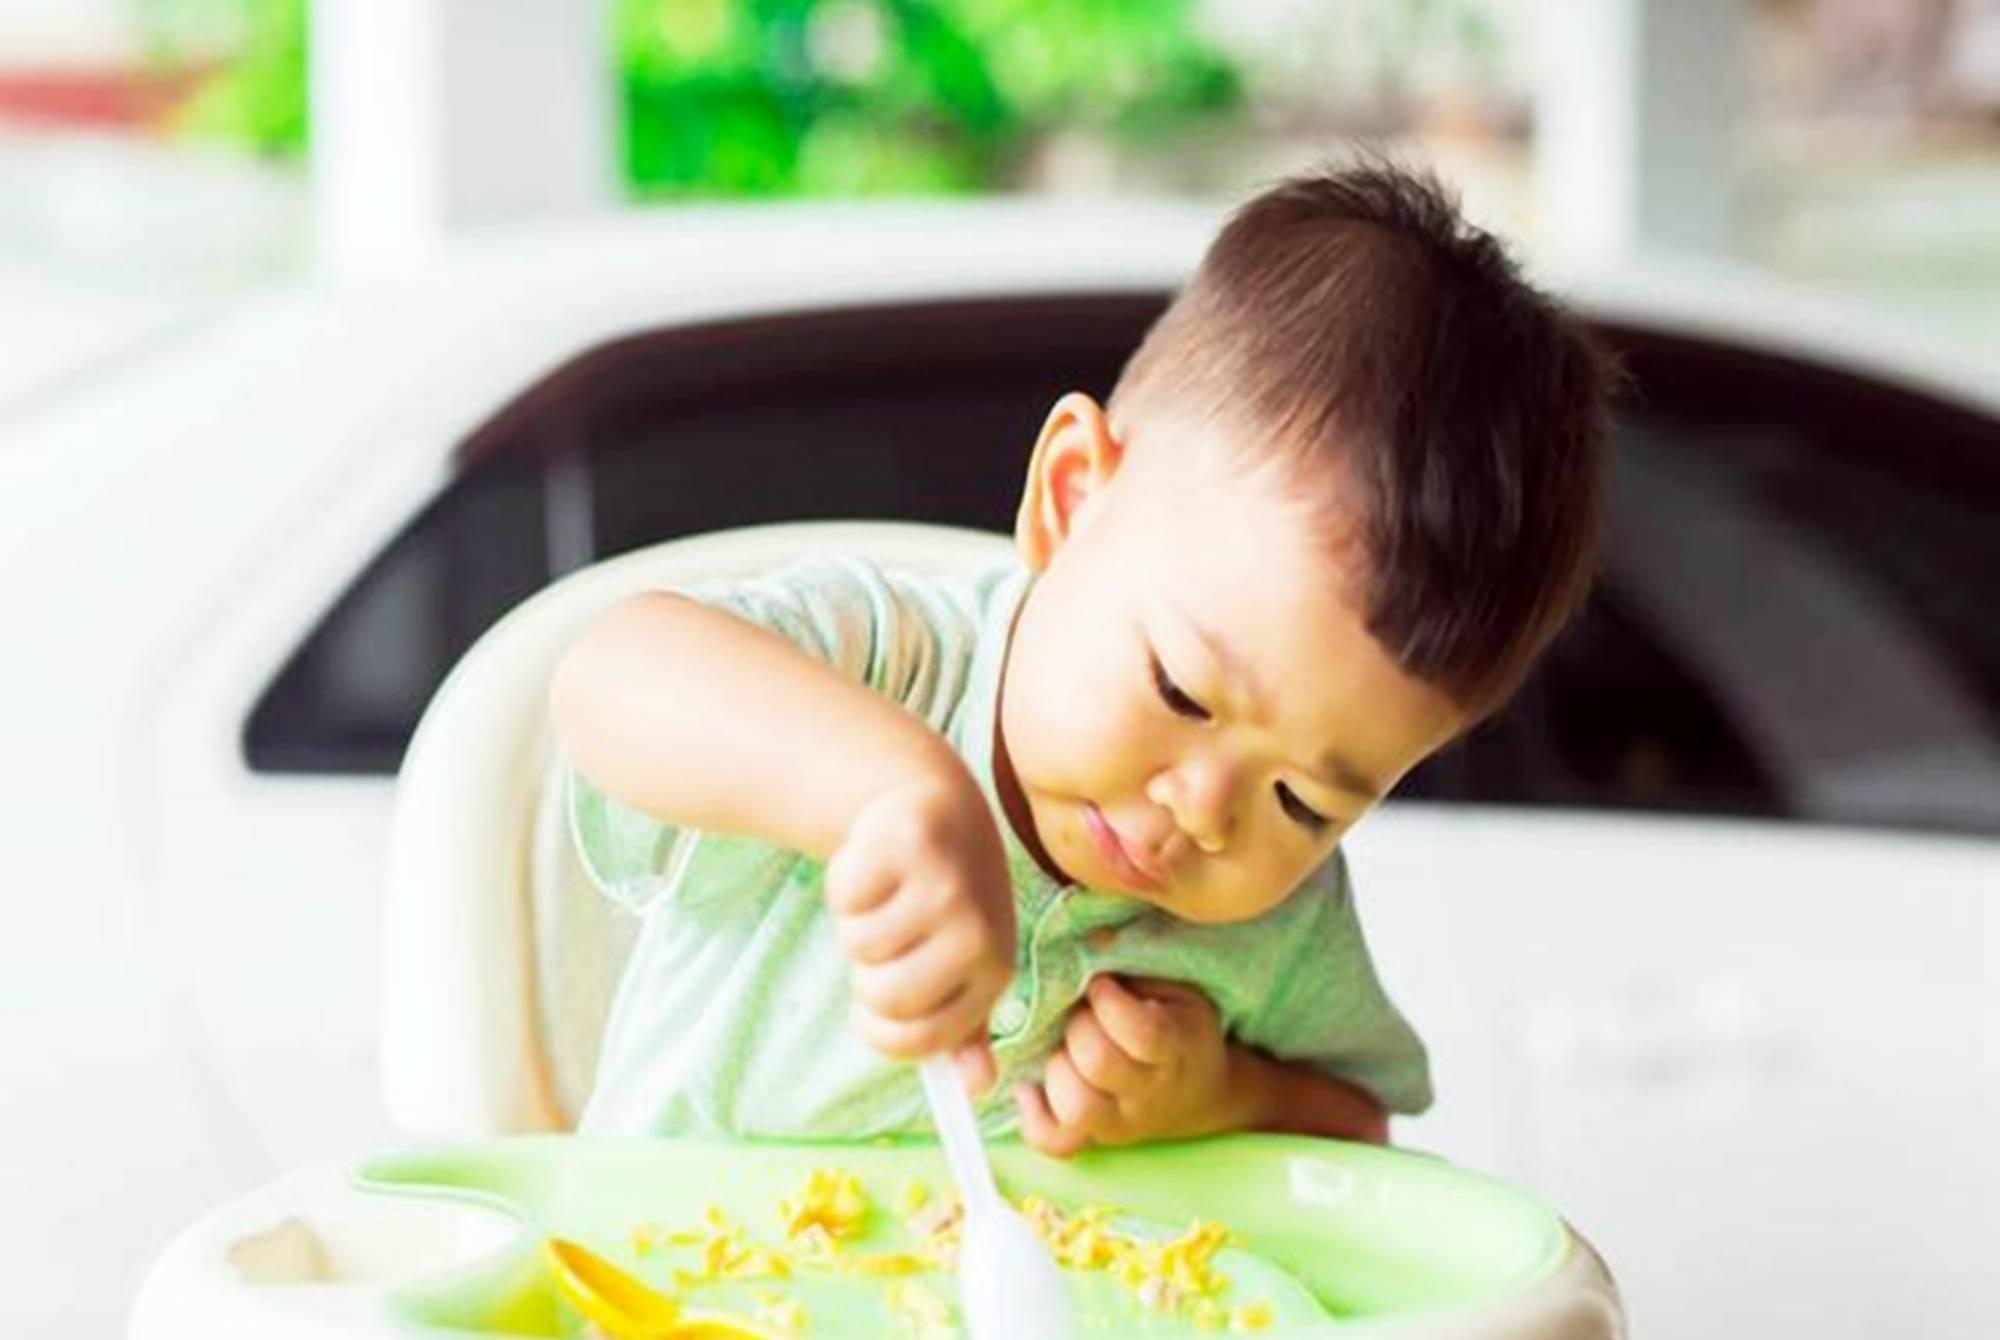 """孩子两岁前能吃""""大人饭""""吗?儿科医生:三岁前吃都算""""毒辅食""""  第1张"""